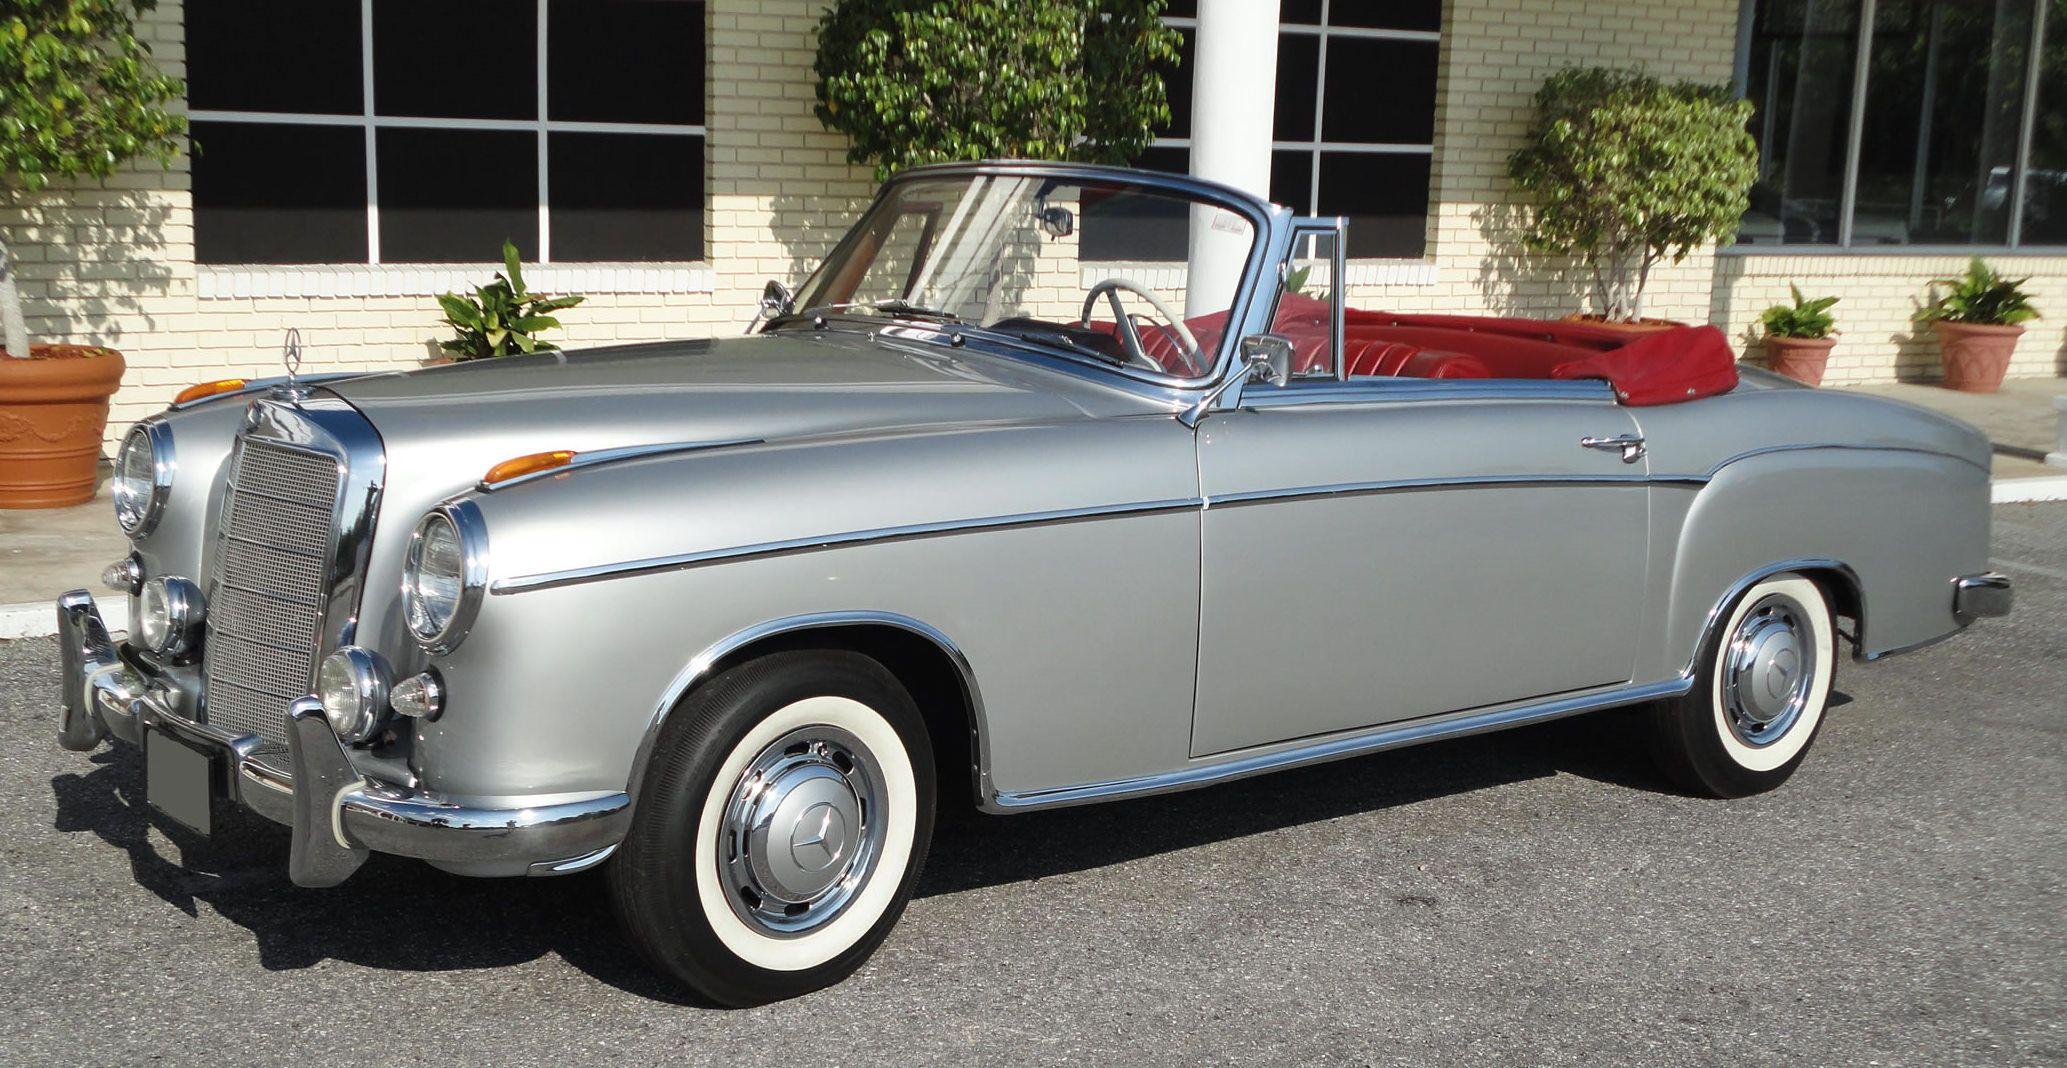 1957 Mercedes Benz 220S | Mercedes benz sports car, Mercedes benz 220,  Classic mercedes